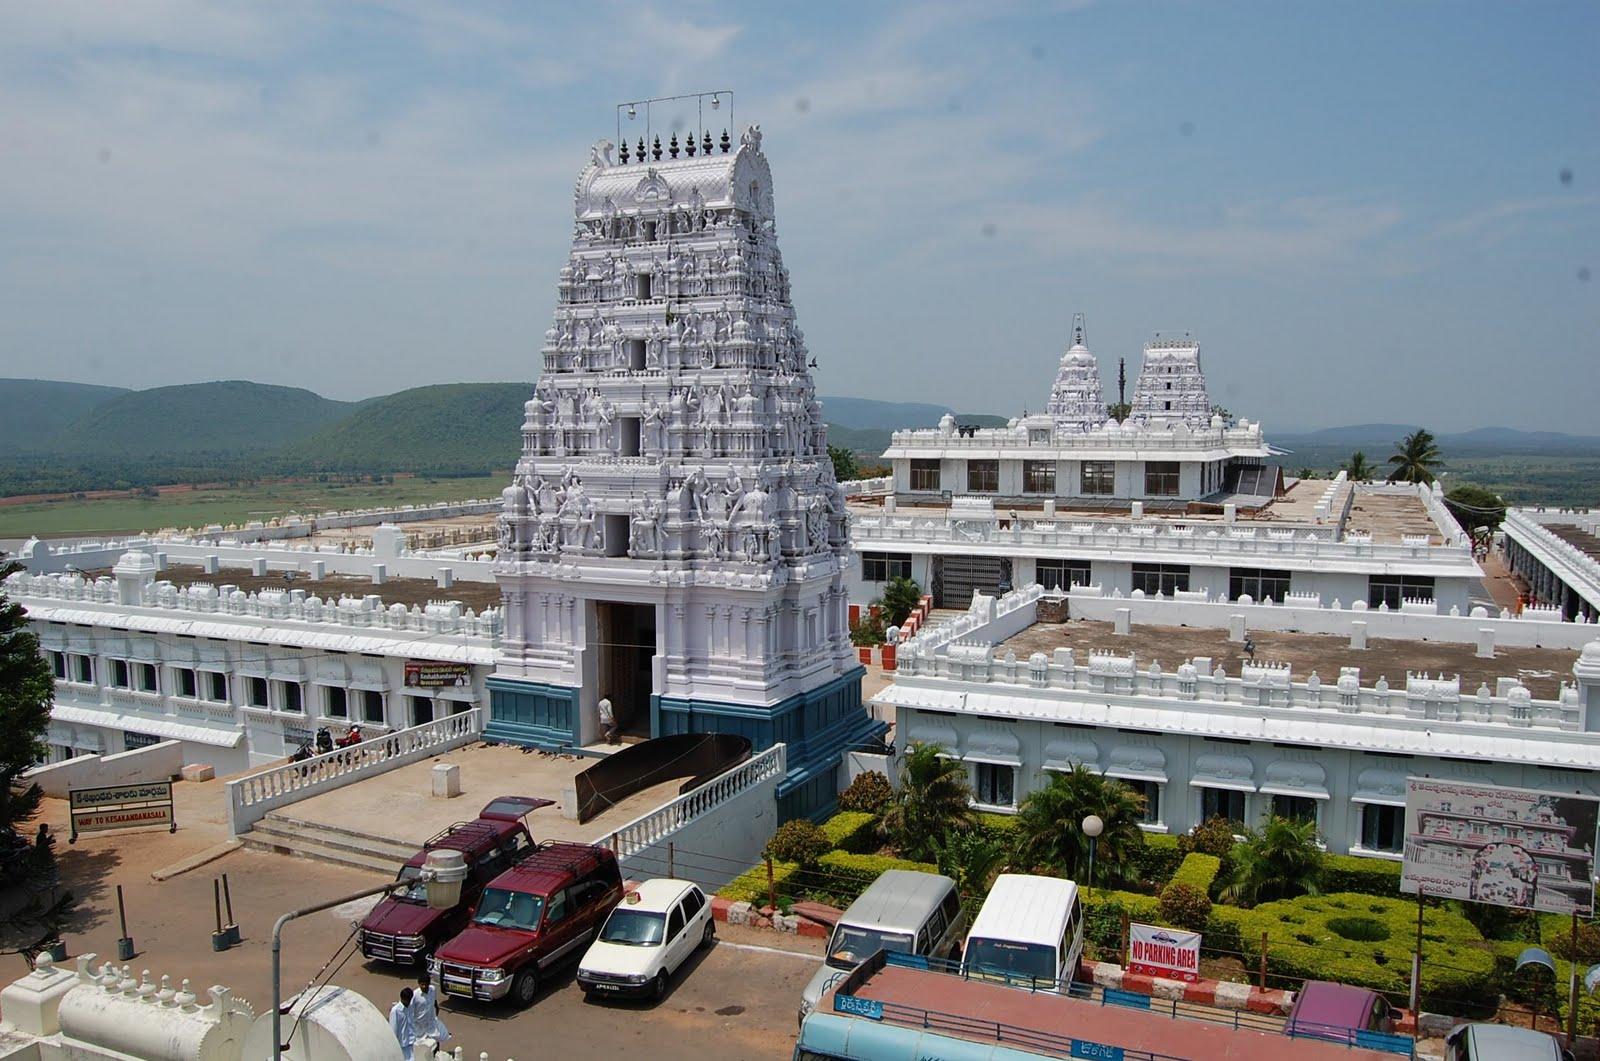 తూర్పుగోదావరి జిల్లా ఆలయల సమాచార వేదిక - Turpu Godavari jilla aalaya samacharam